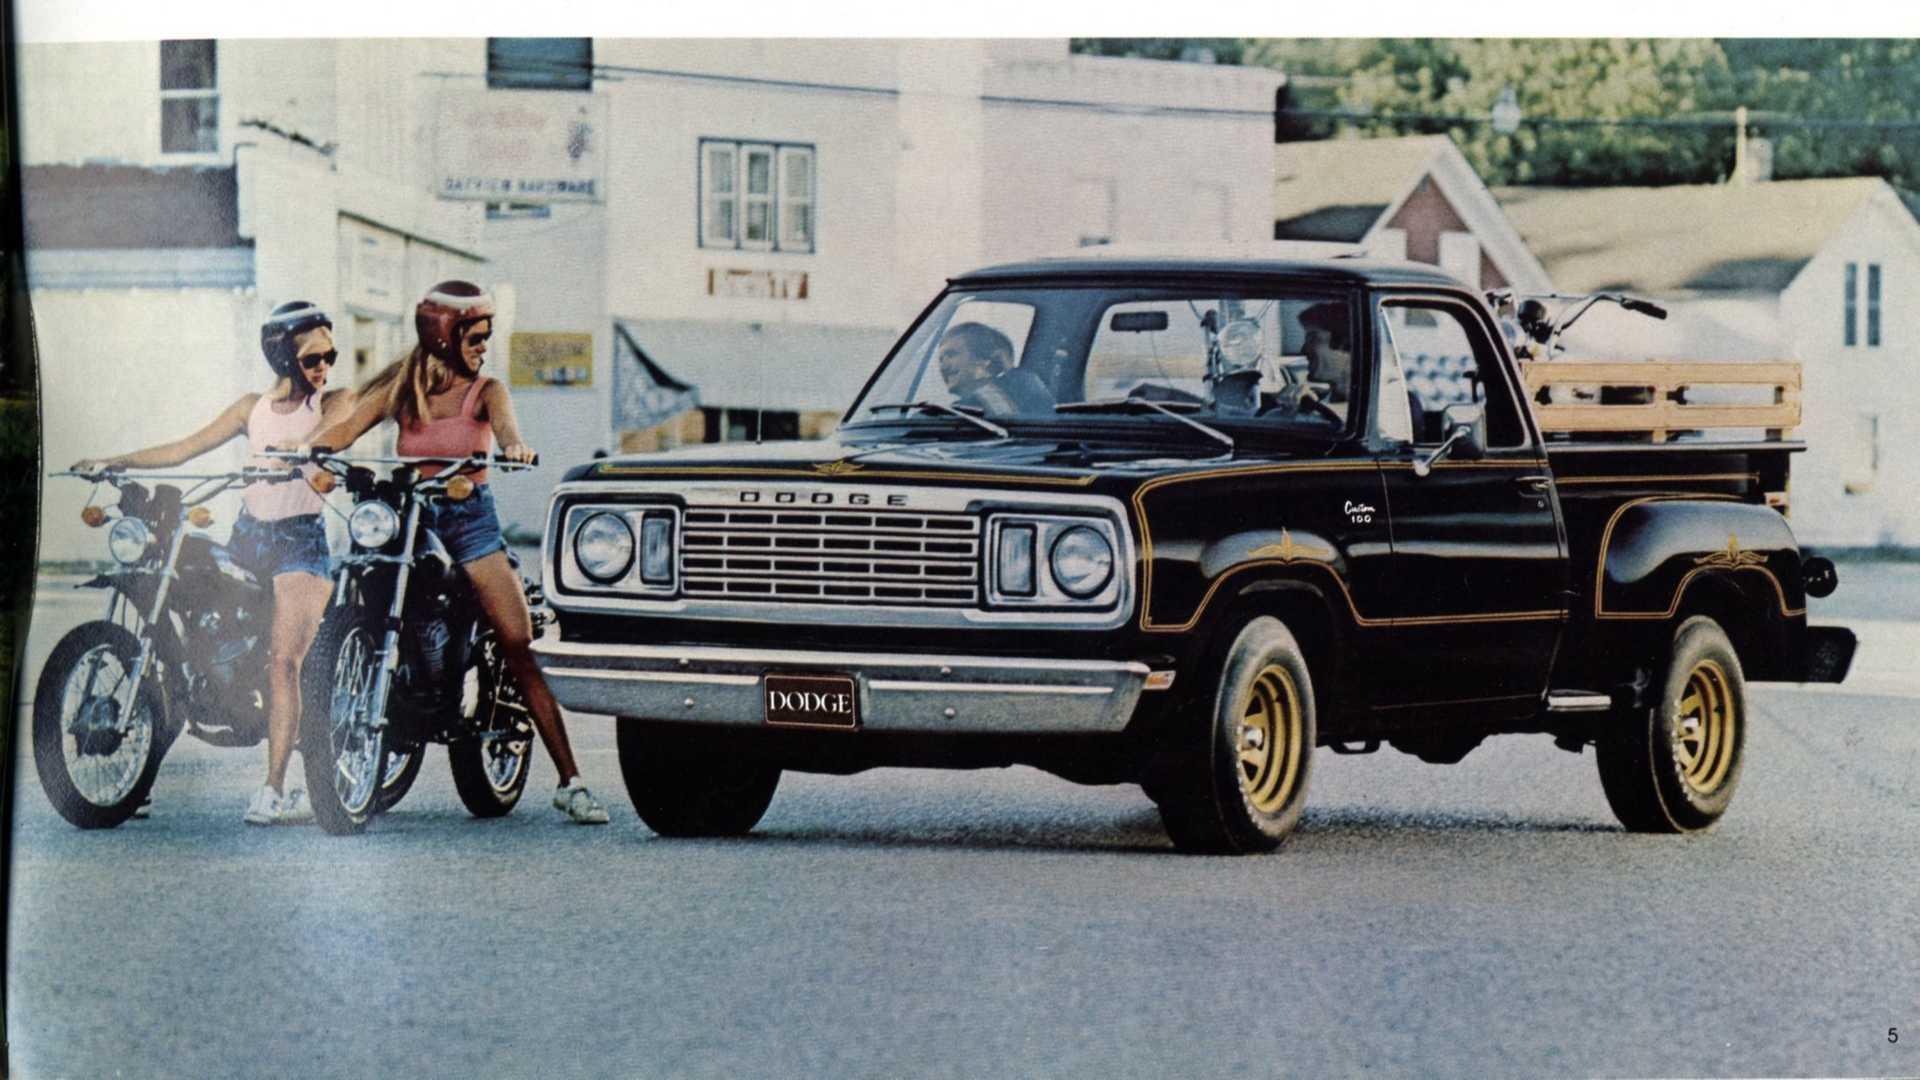 1970s WarLock